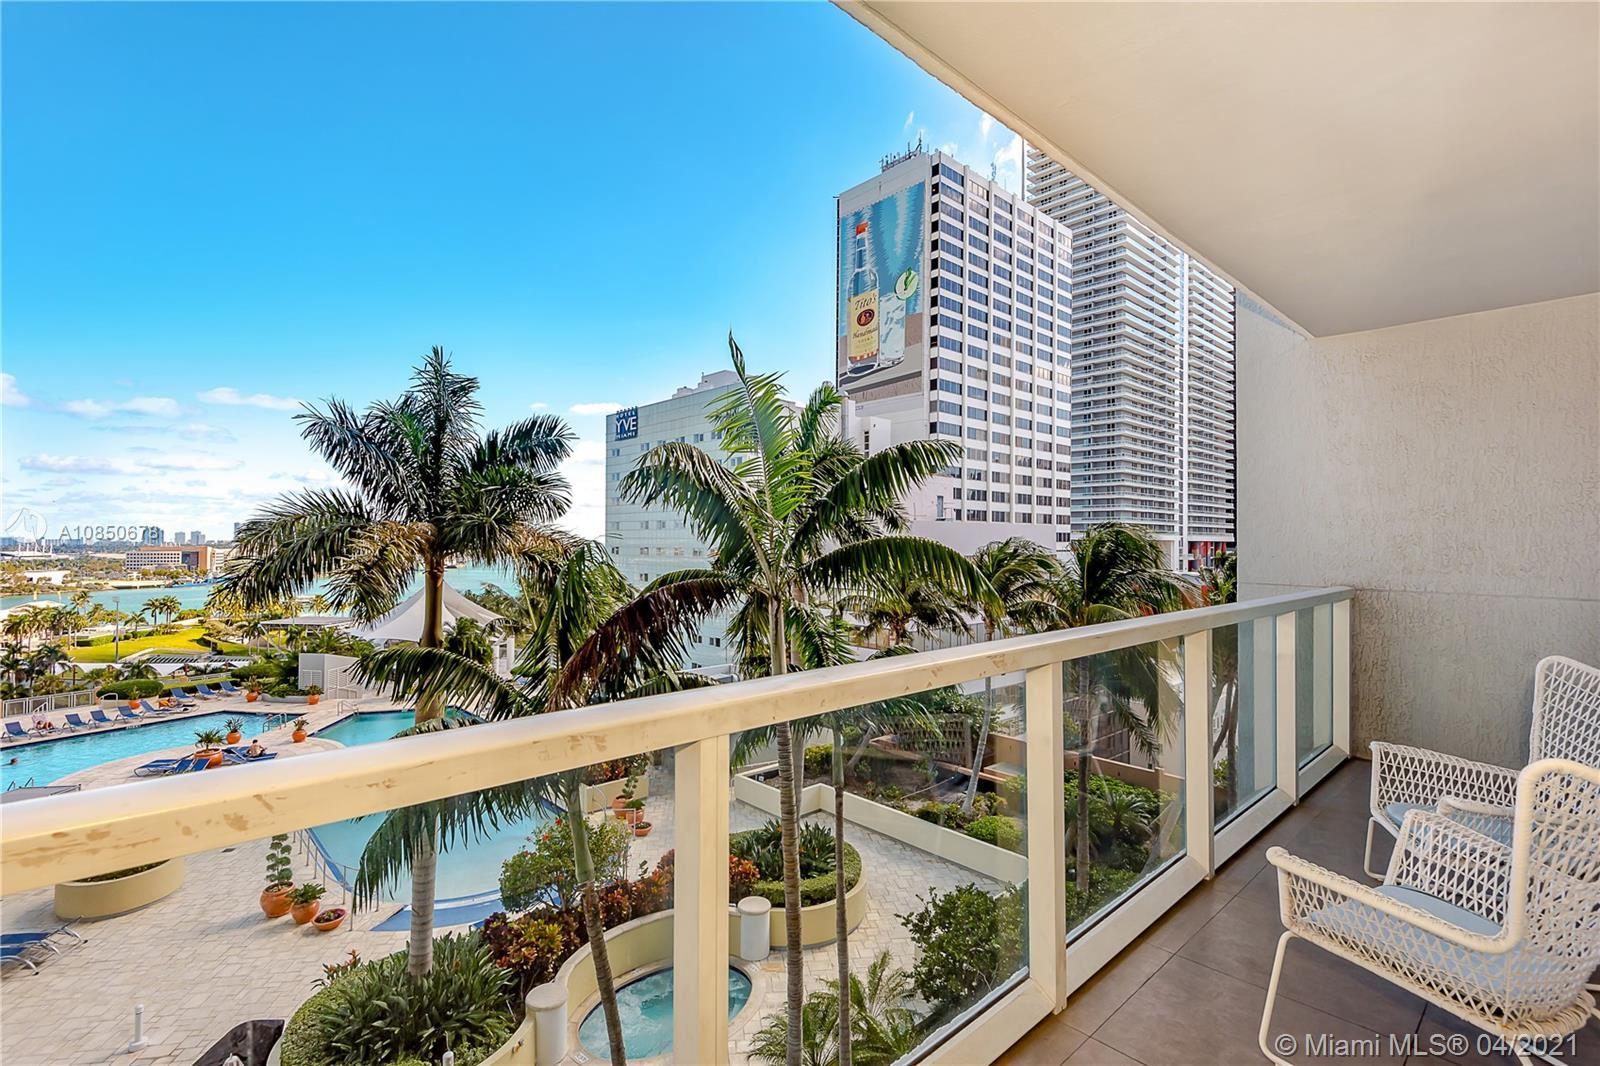 253 NE 2nd St #1105, Miami, FL 33132 - #: A10850678